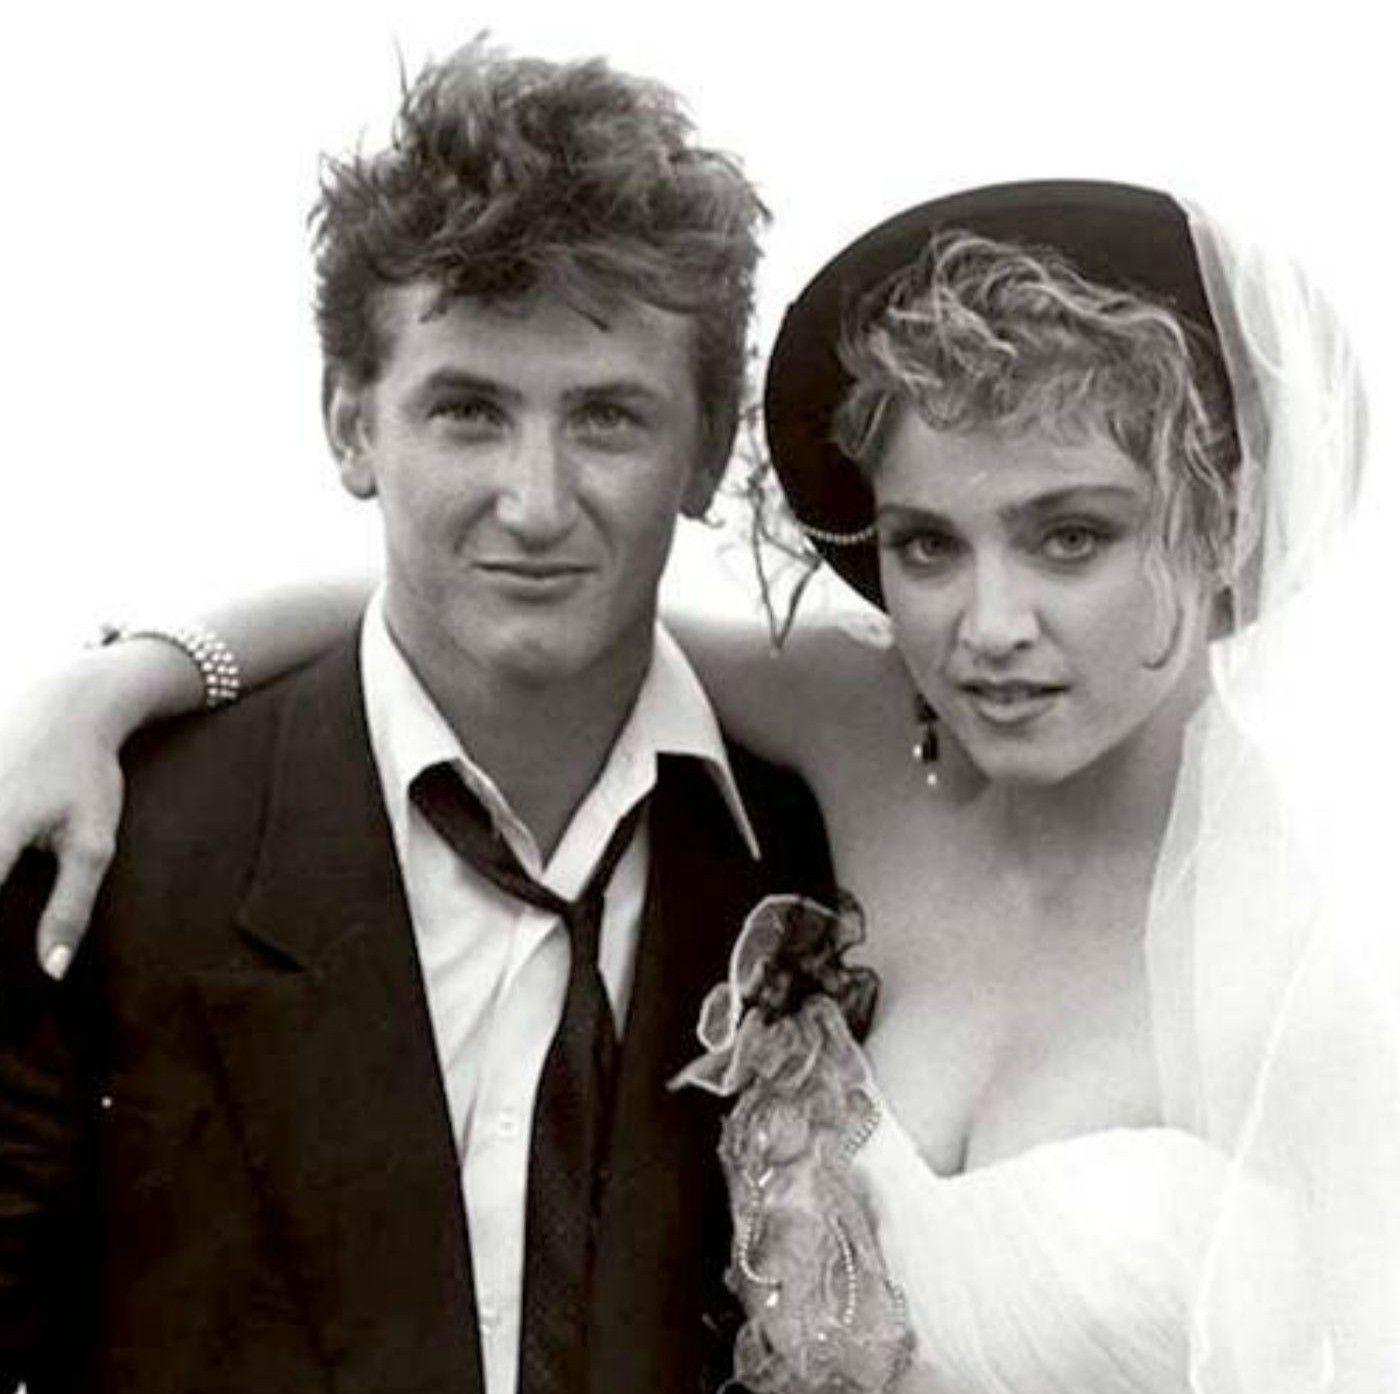 Madonna e Sean Penn, si conoscono e si sposano nel 1985, per poi divorziare tre anni dopo: la cantante ha accusato l'attore di violenza!